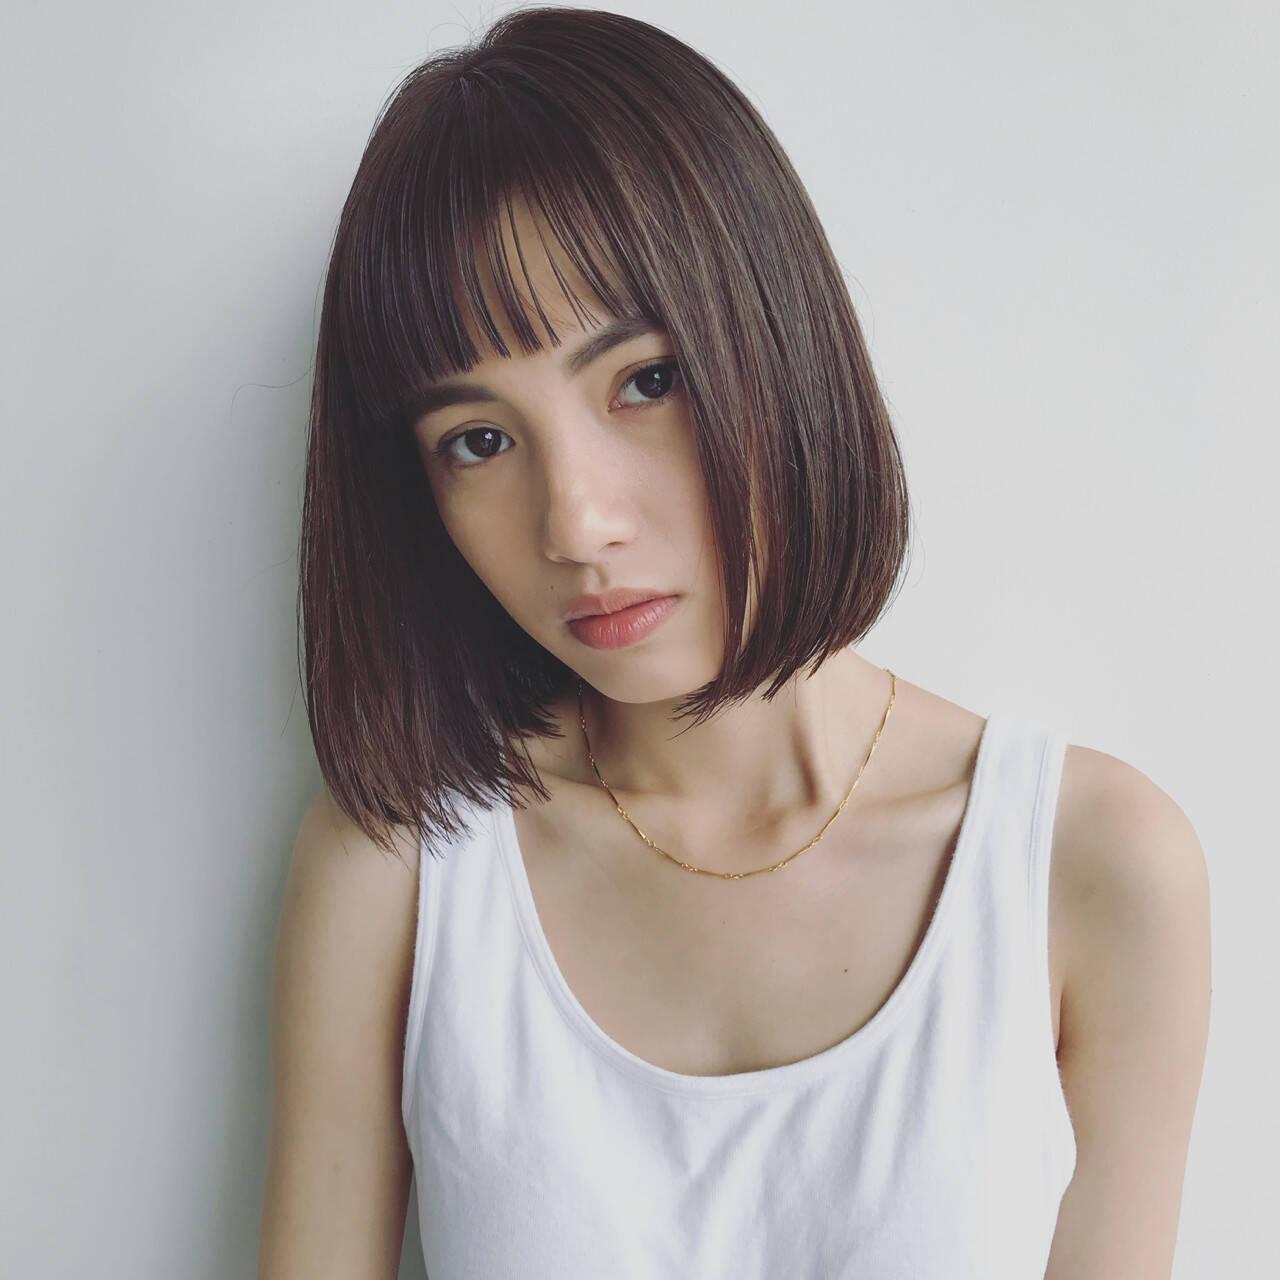 外国人風 大人かわいい パーマ 抜け感ヘアスタイルや髪型の写真・画像